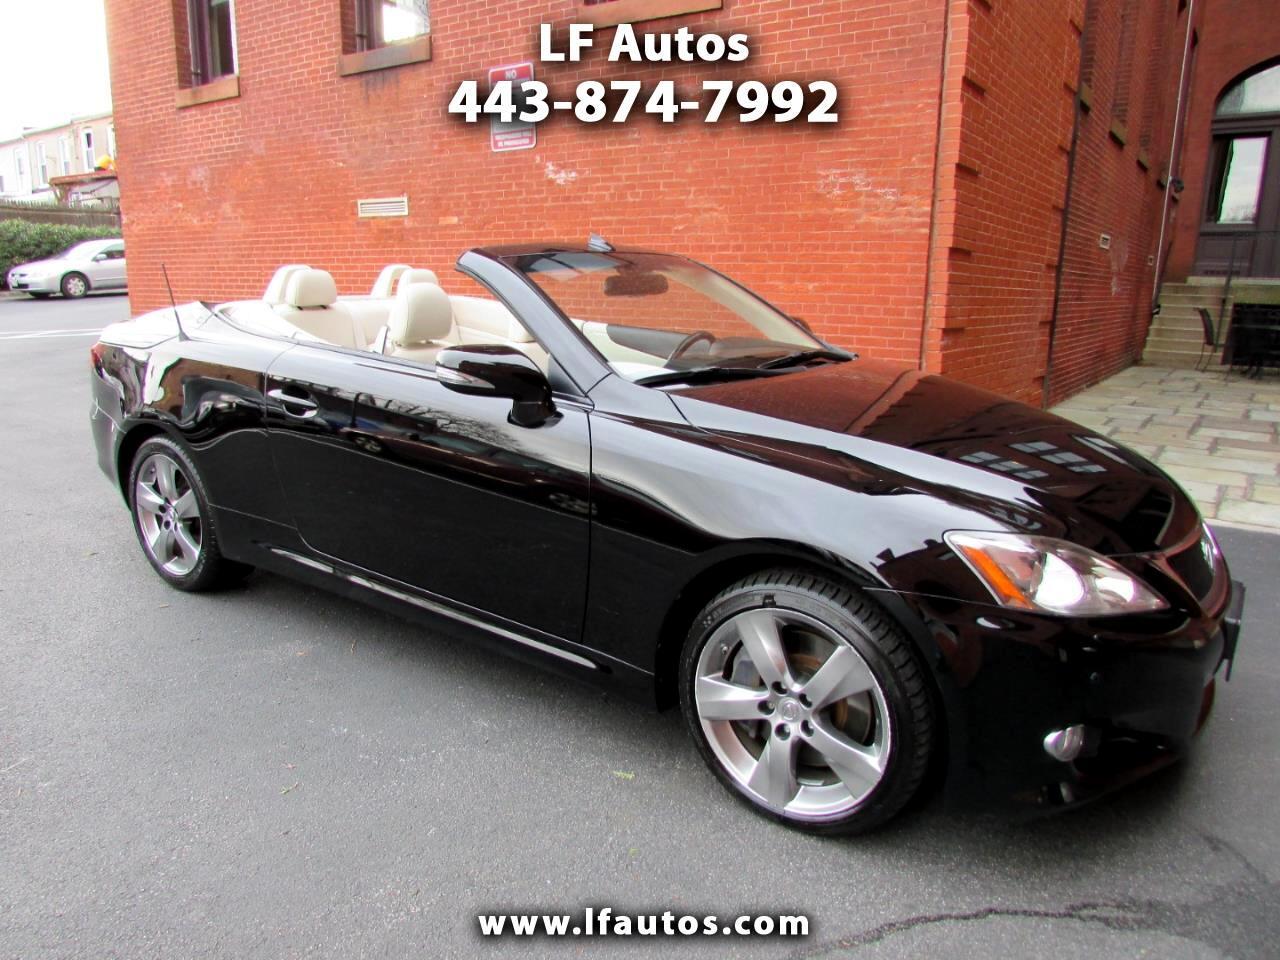 2010 Lexus IS 350C 2dr Conv